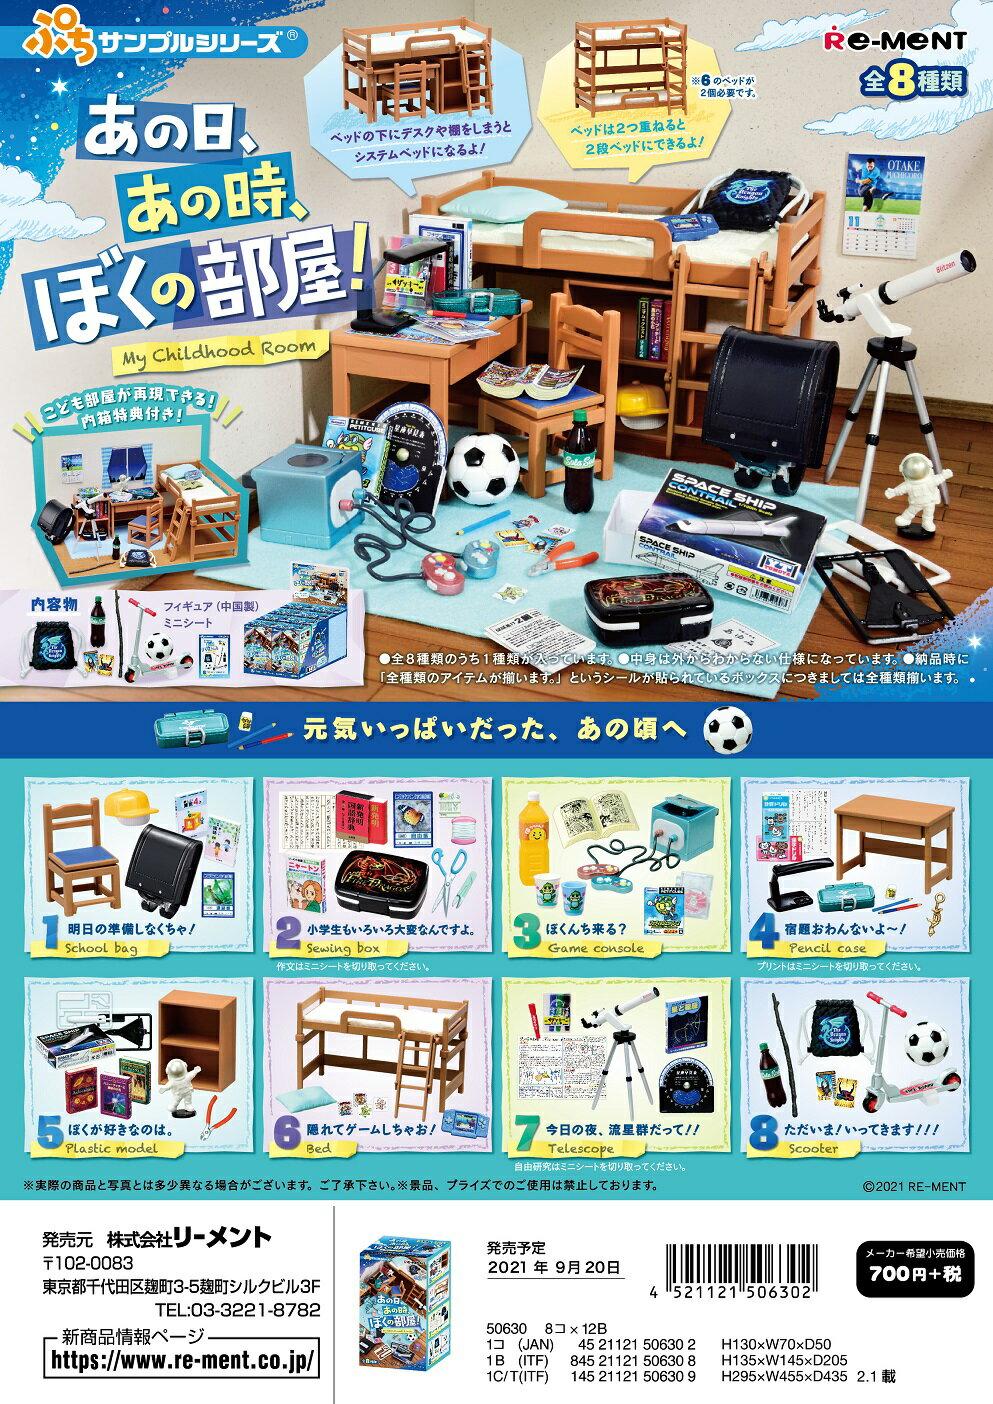 コレクション, 食玩・おまけ ()920 8 1BOX8